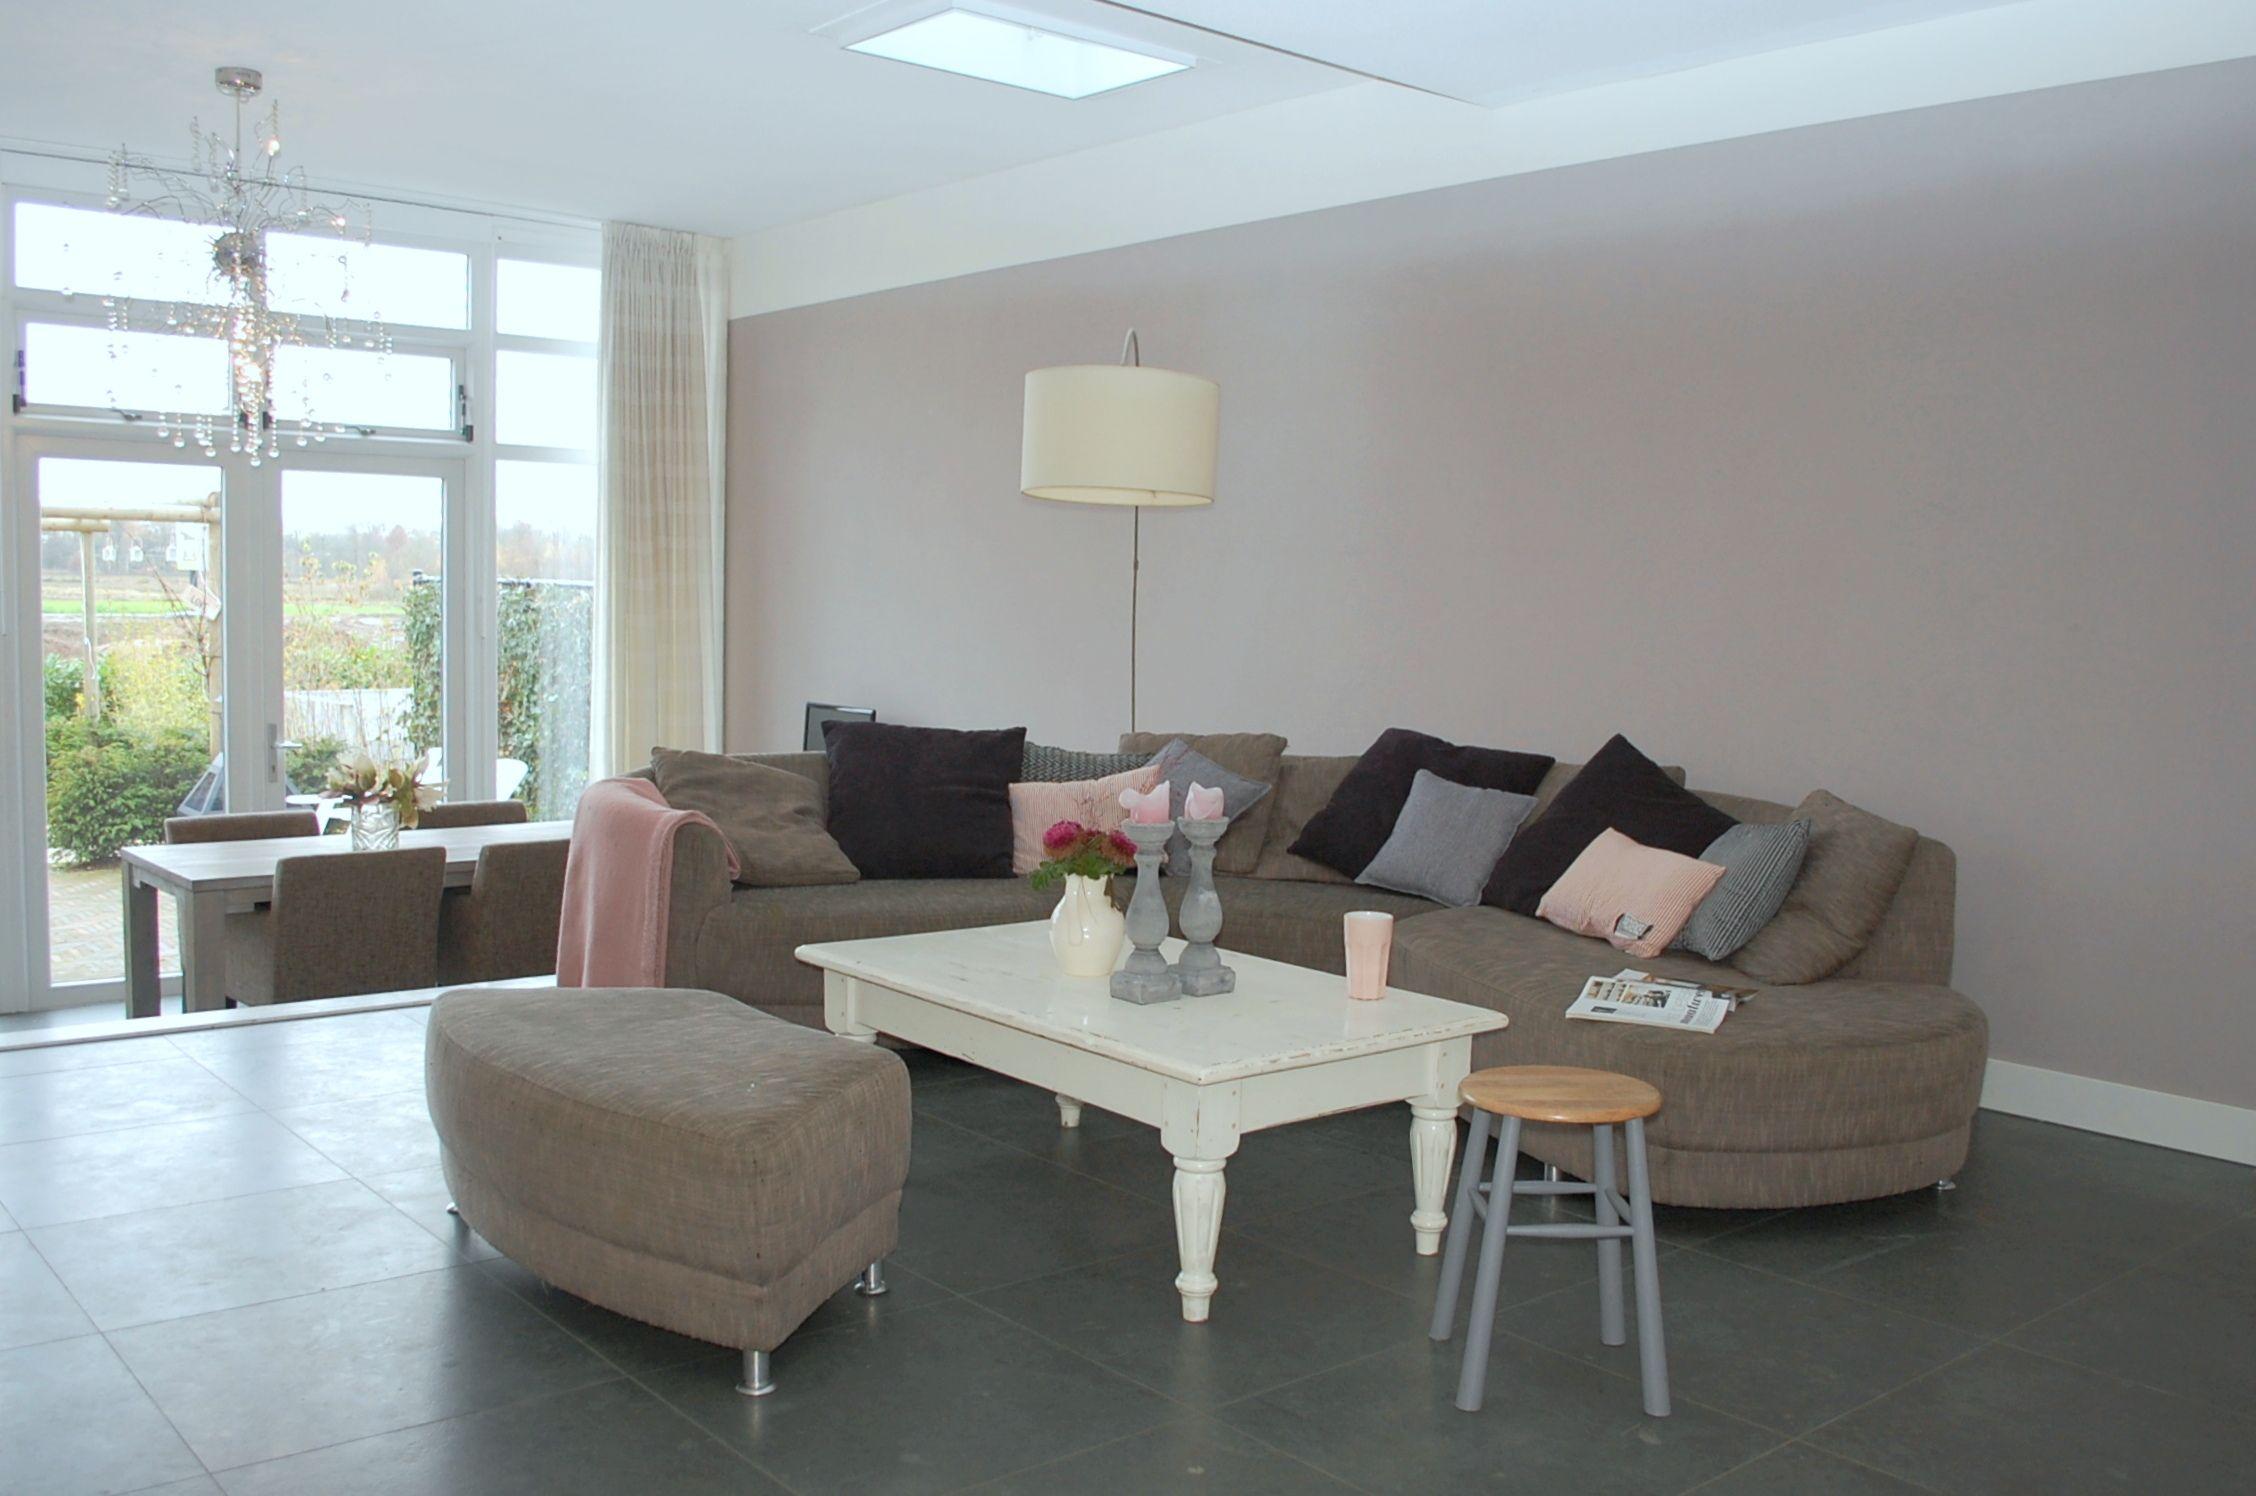 Kleuradvies woonkamer google zoeken woonkamer kleur Taupe woonkamer